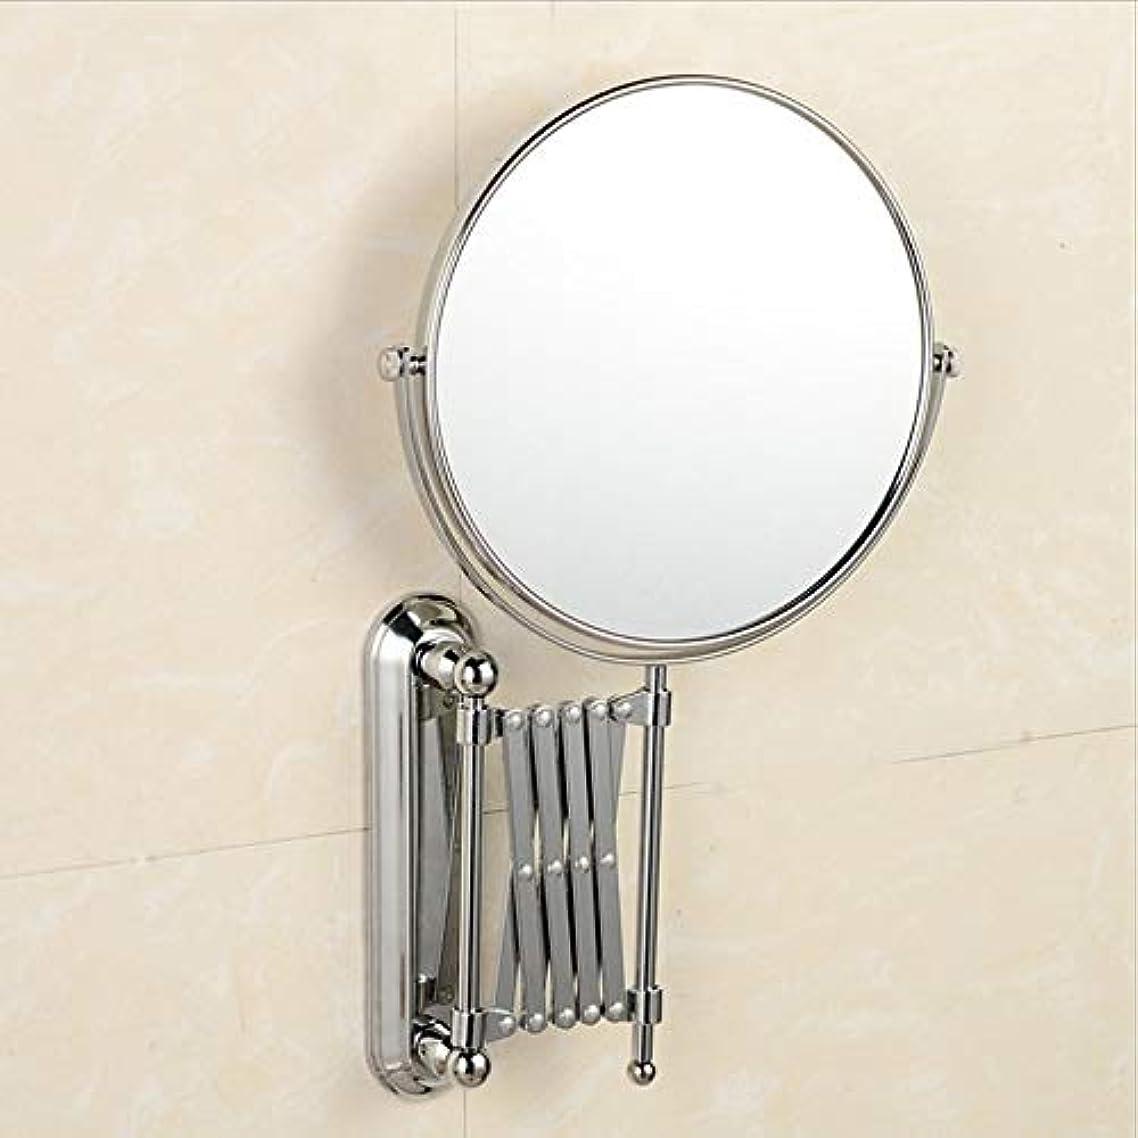 クマノミむさぼり食う余裕がある流行の 両面美容化粧鏡折りたたみ美容鏡浴室美容化粧鏡ステンレス鋼6インチシルバー